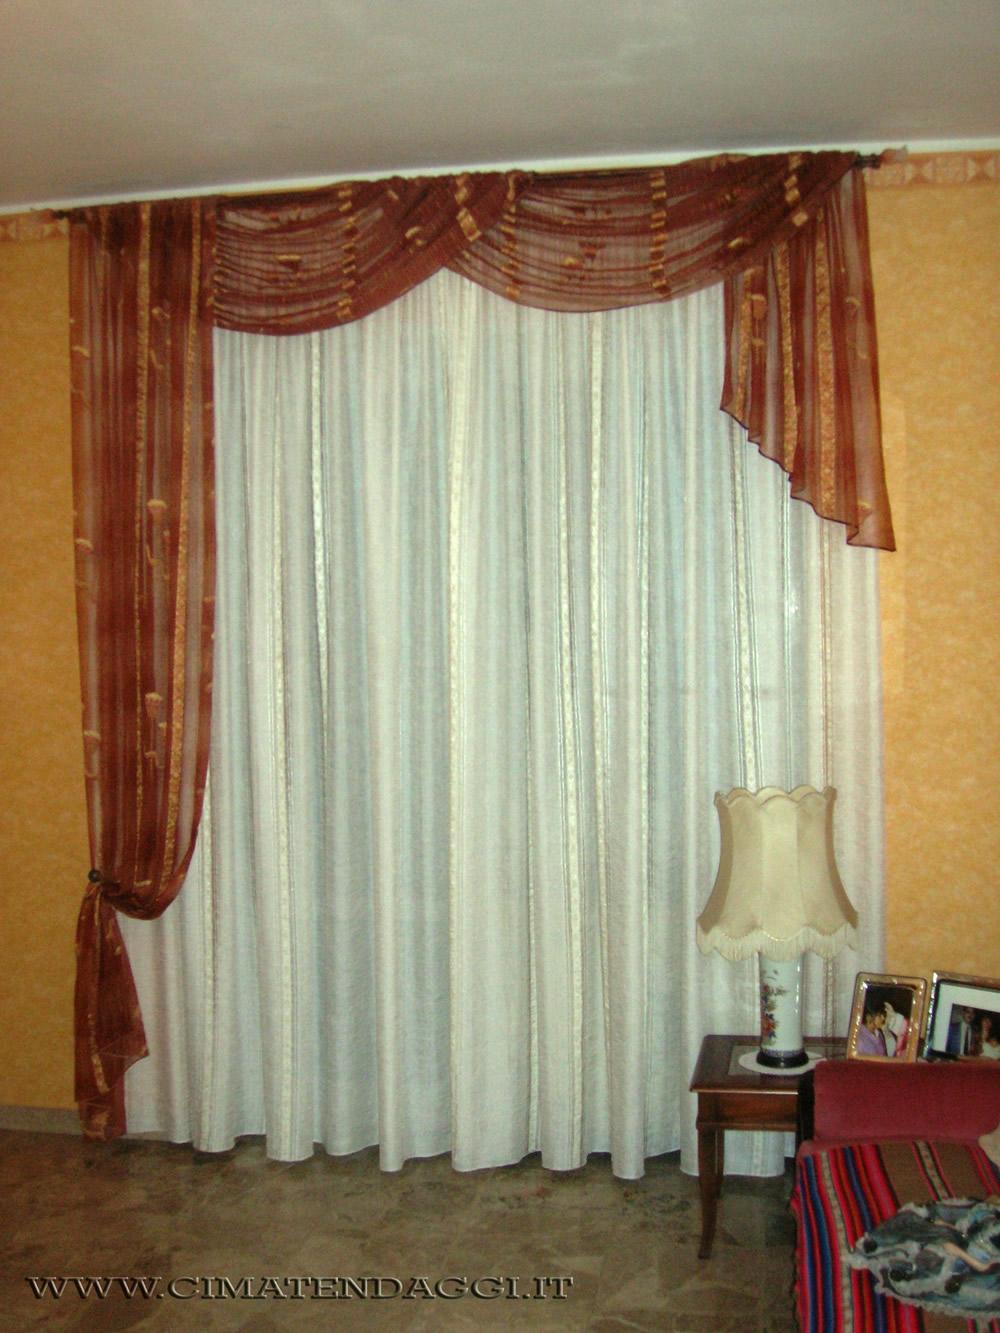 Tendine tirolesi idee per la progettazione di decorazioni per la casa for Tende tirolesi